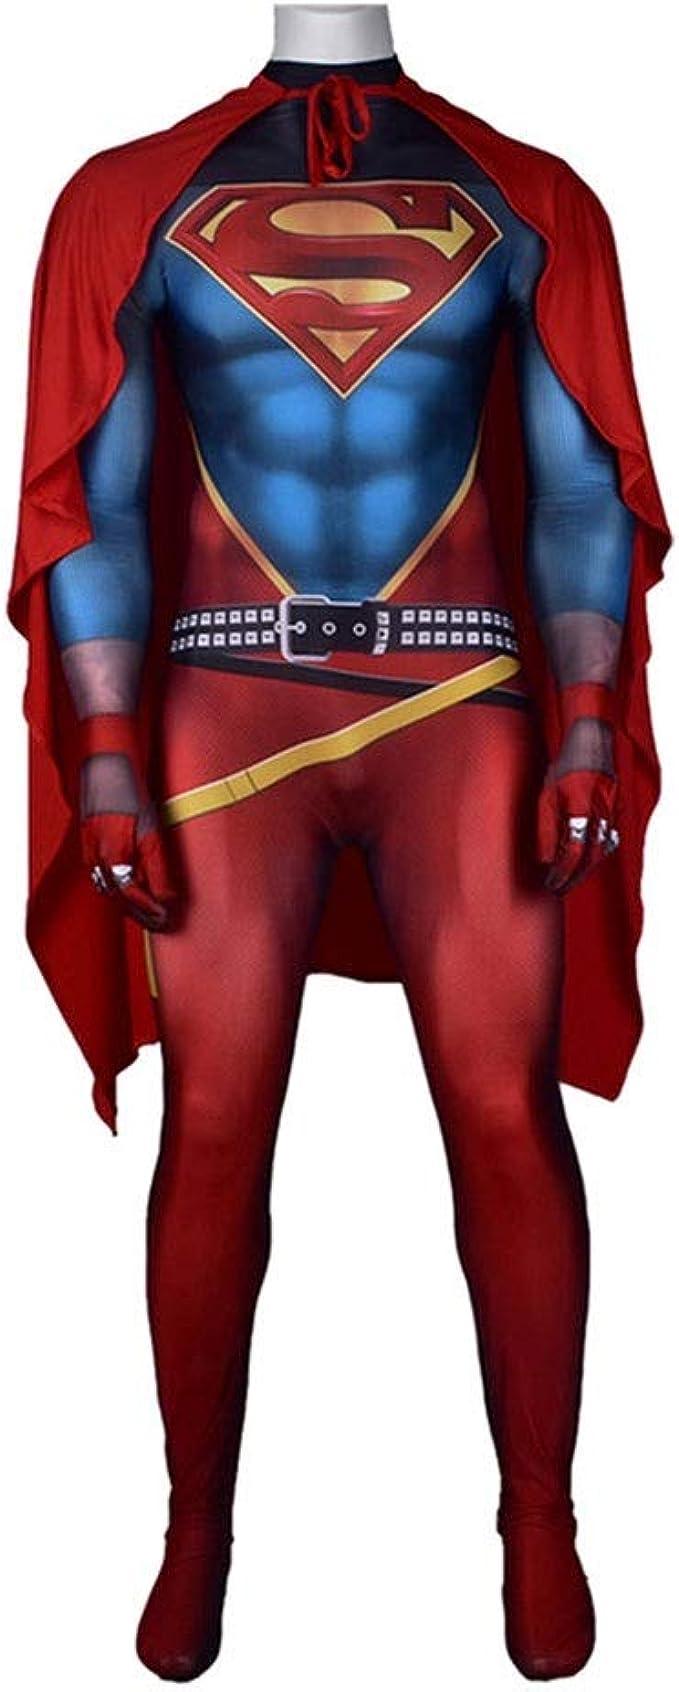 Amimes Costume Cosplay Vestito Di Superman Adult Children Stretta Body Set Con Mantello Di Natale Super Hero Fancy Dress Abbigliamento Color Superhero Size Adul Xxl 175 180cm Amazon It Abbigliamento